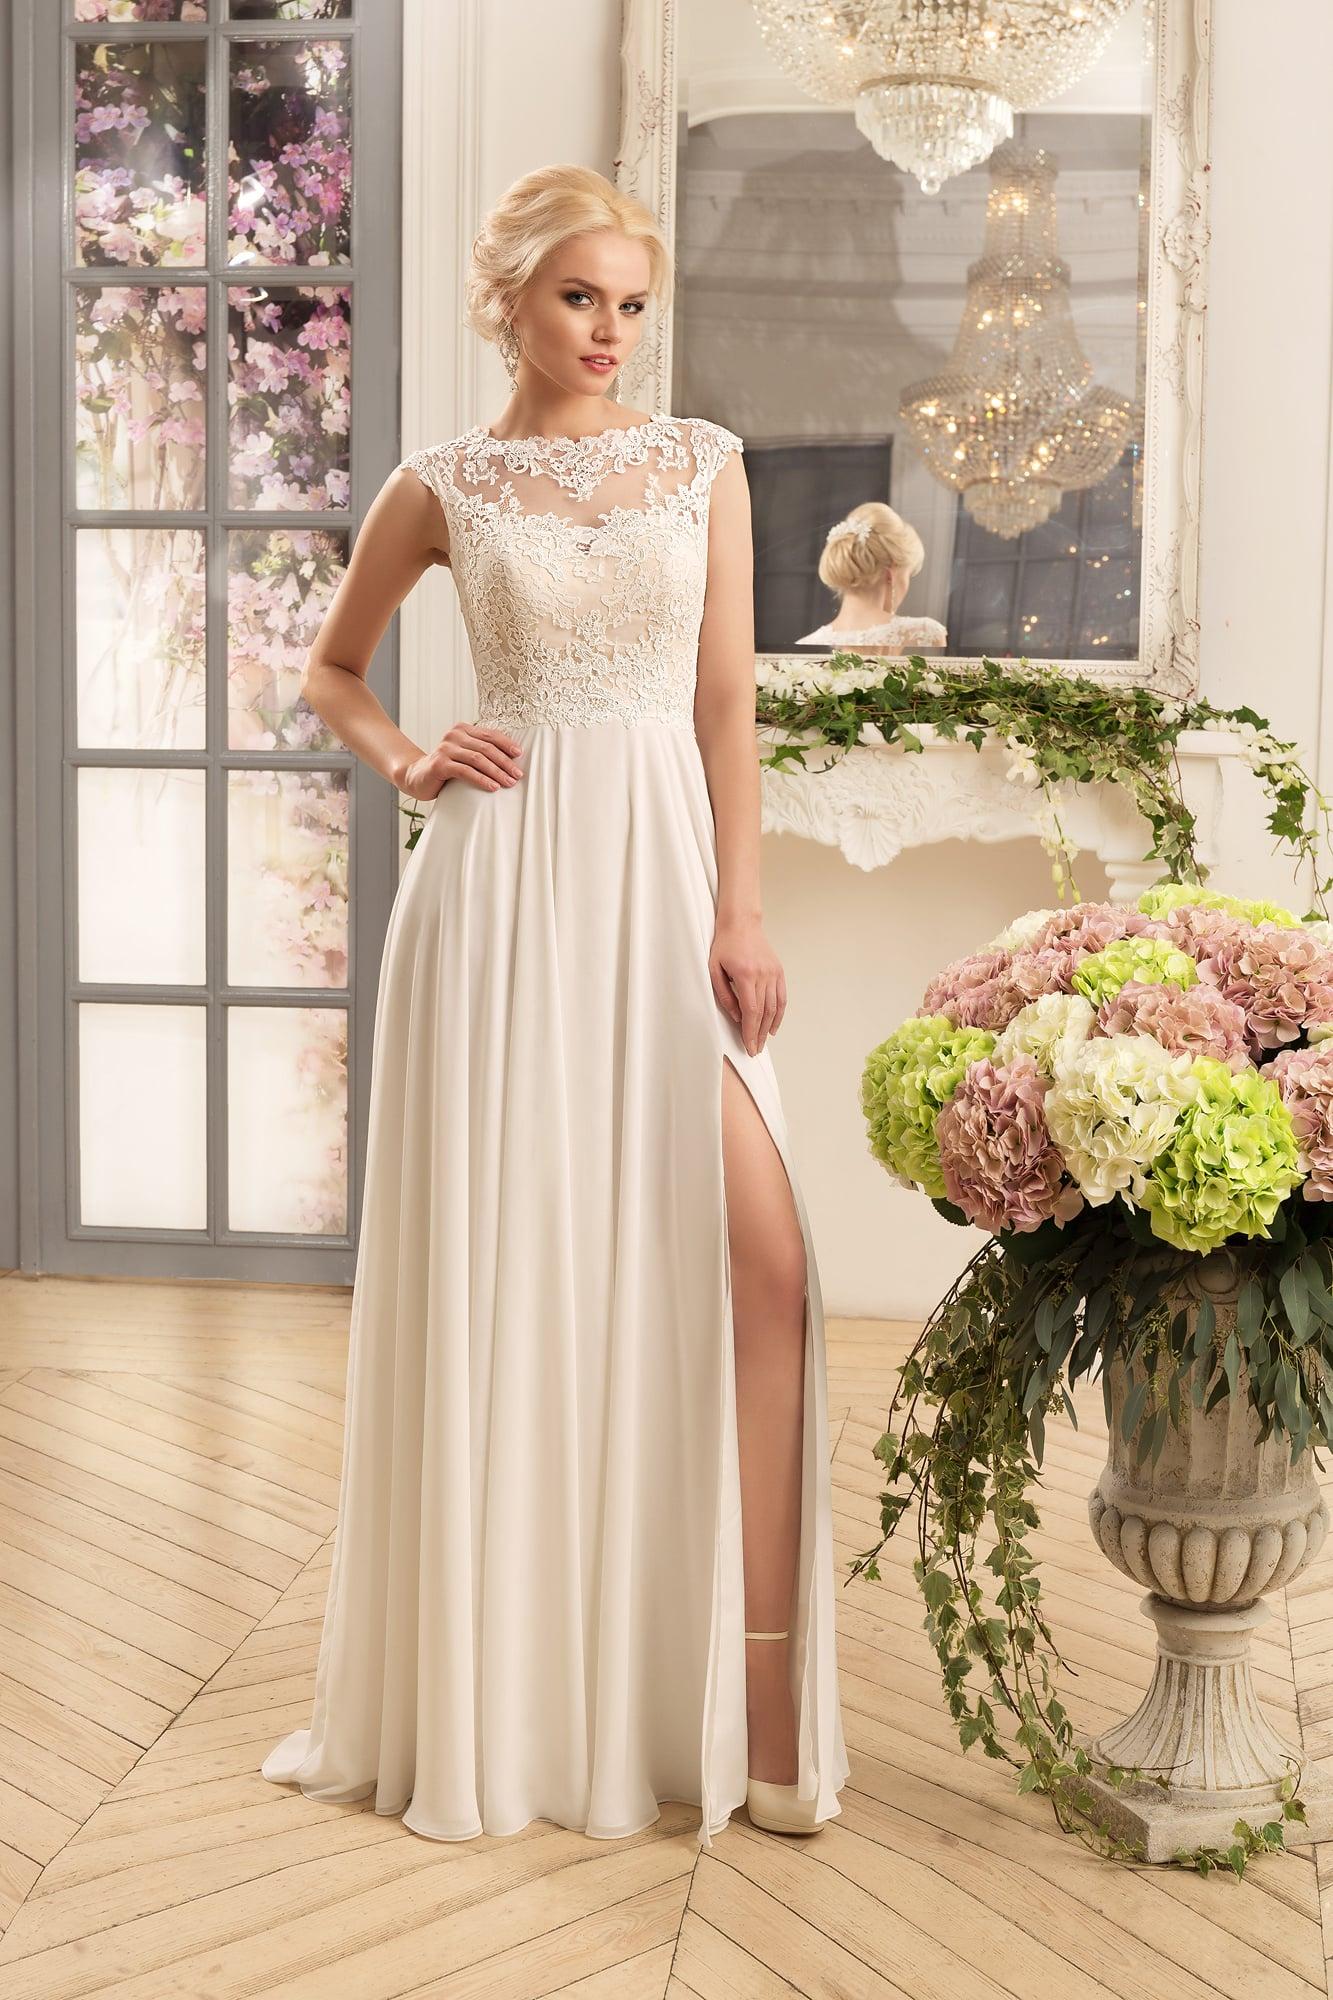 e1cc637b77940f Нежное свадебное платье прямого силуэта с кружевным верхом и высоким  разрезом на юбке.